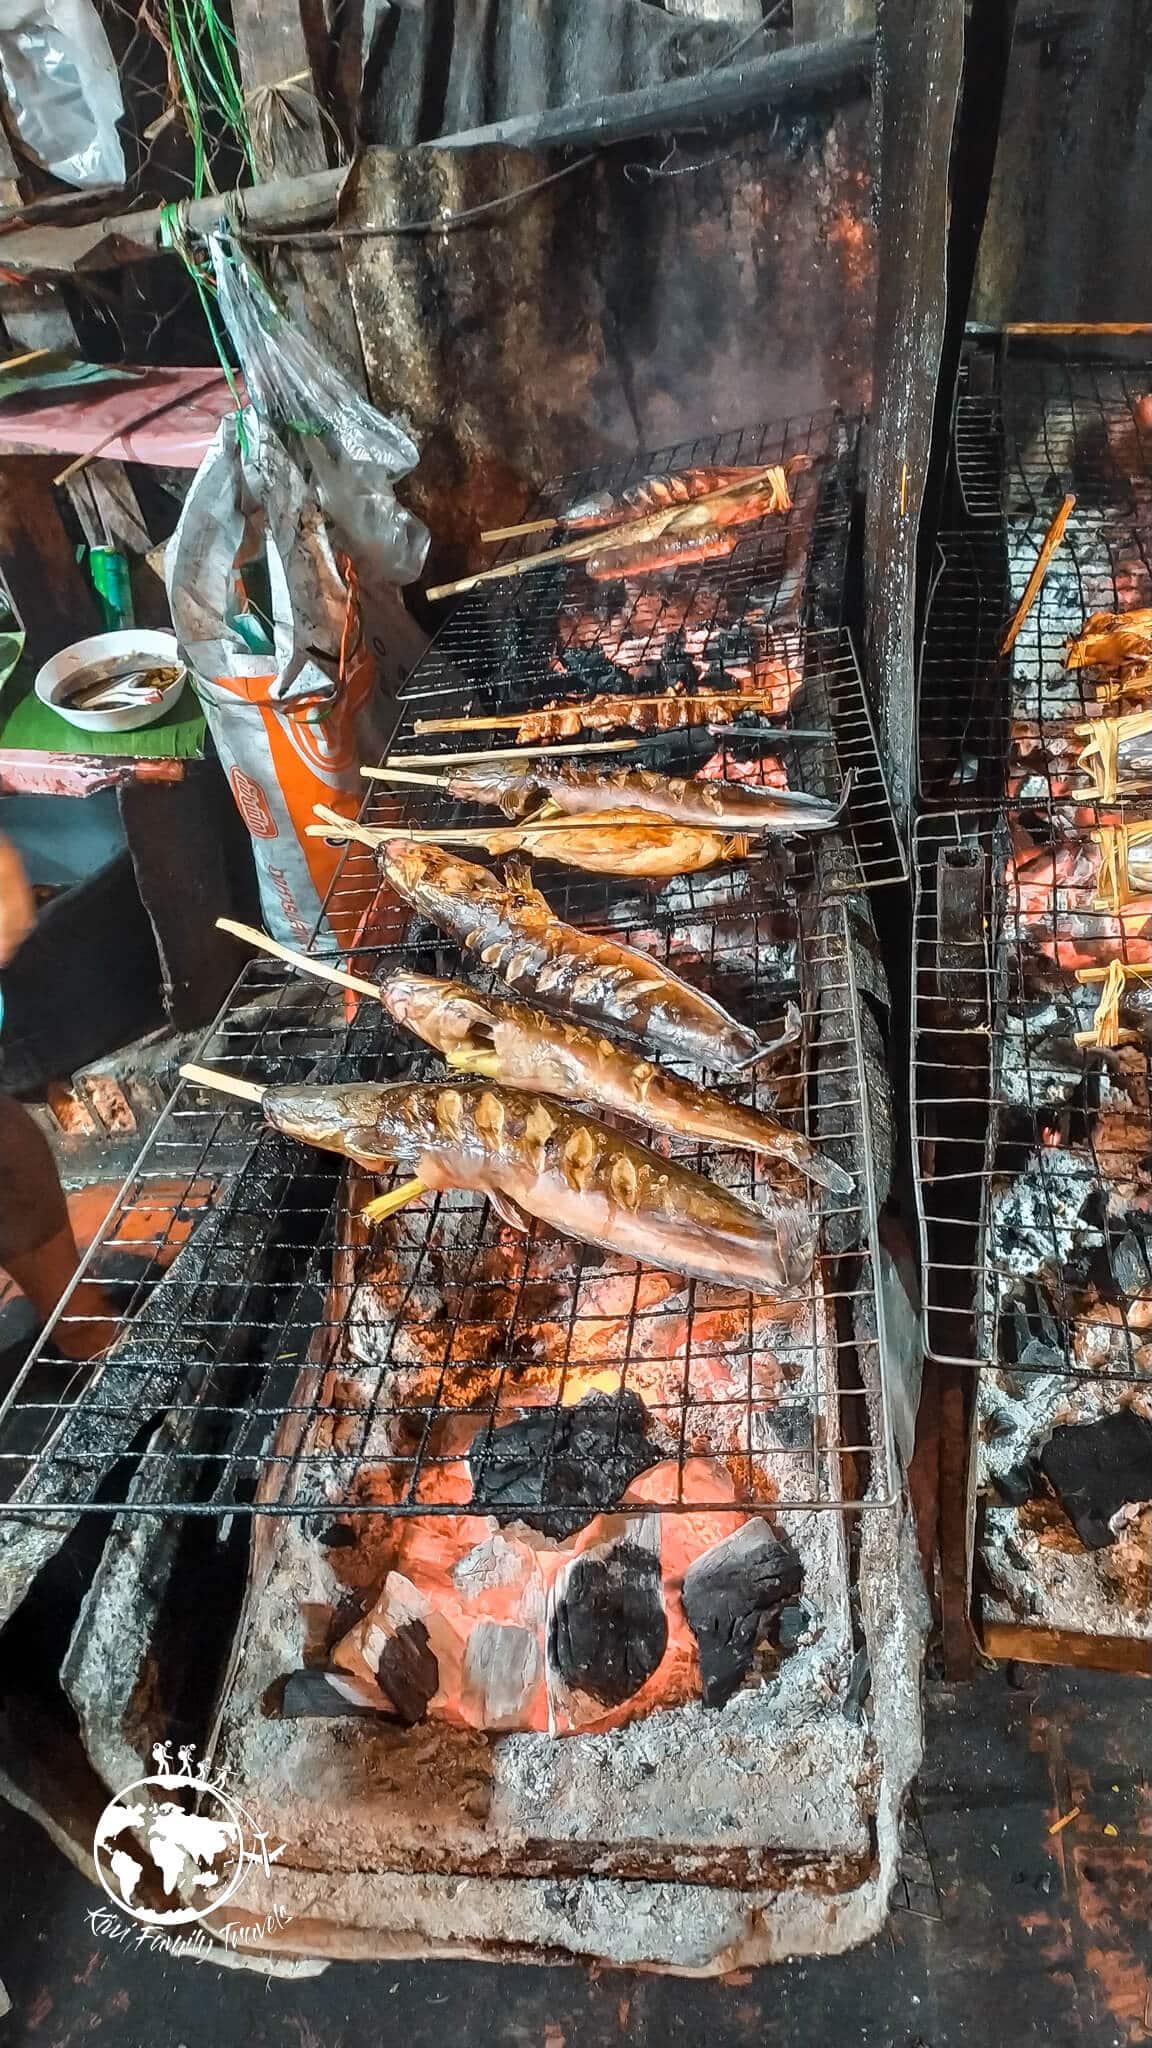 Night market brochette de poissons